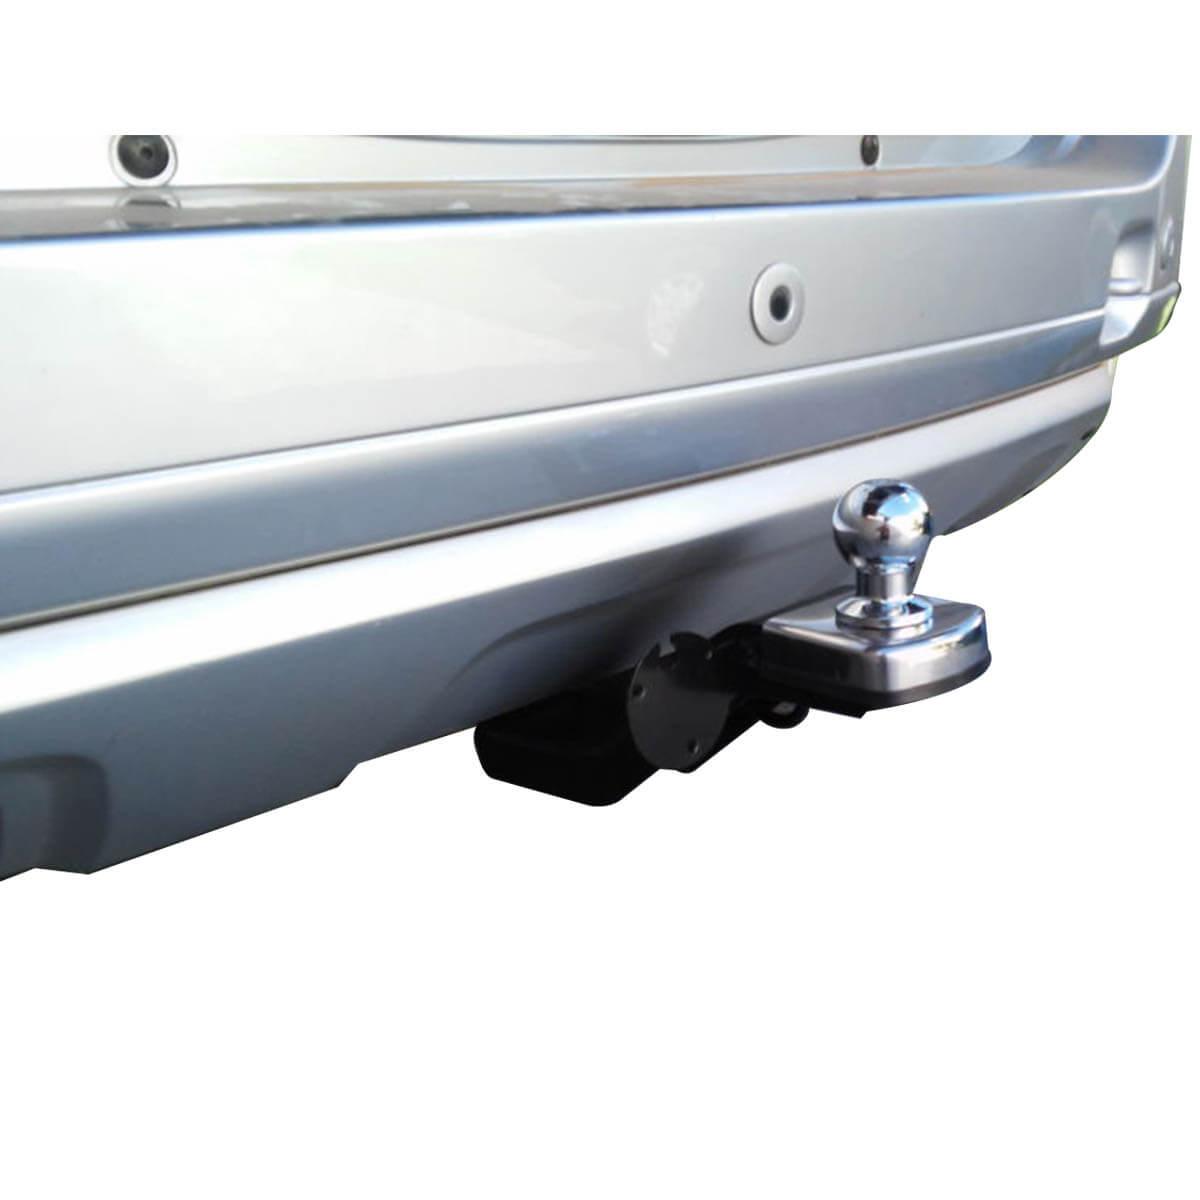 Engate de reboque fixo Duster 2012 a 2017 tração 4x2